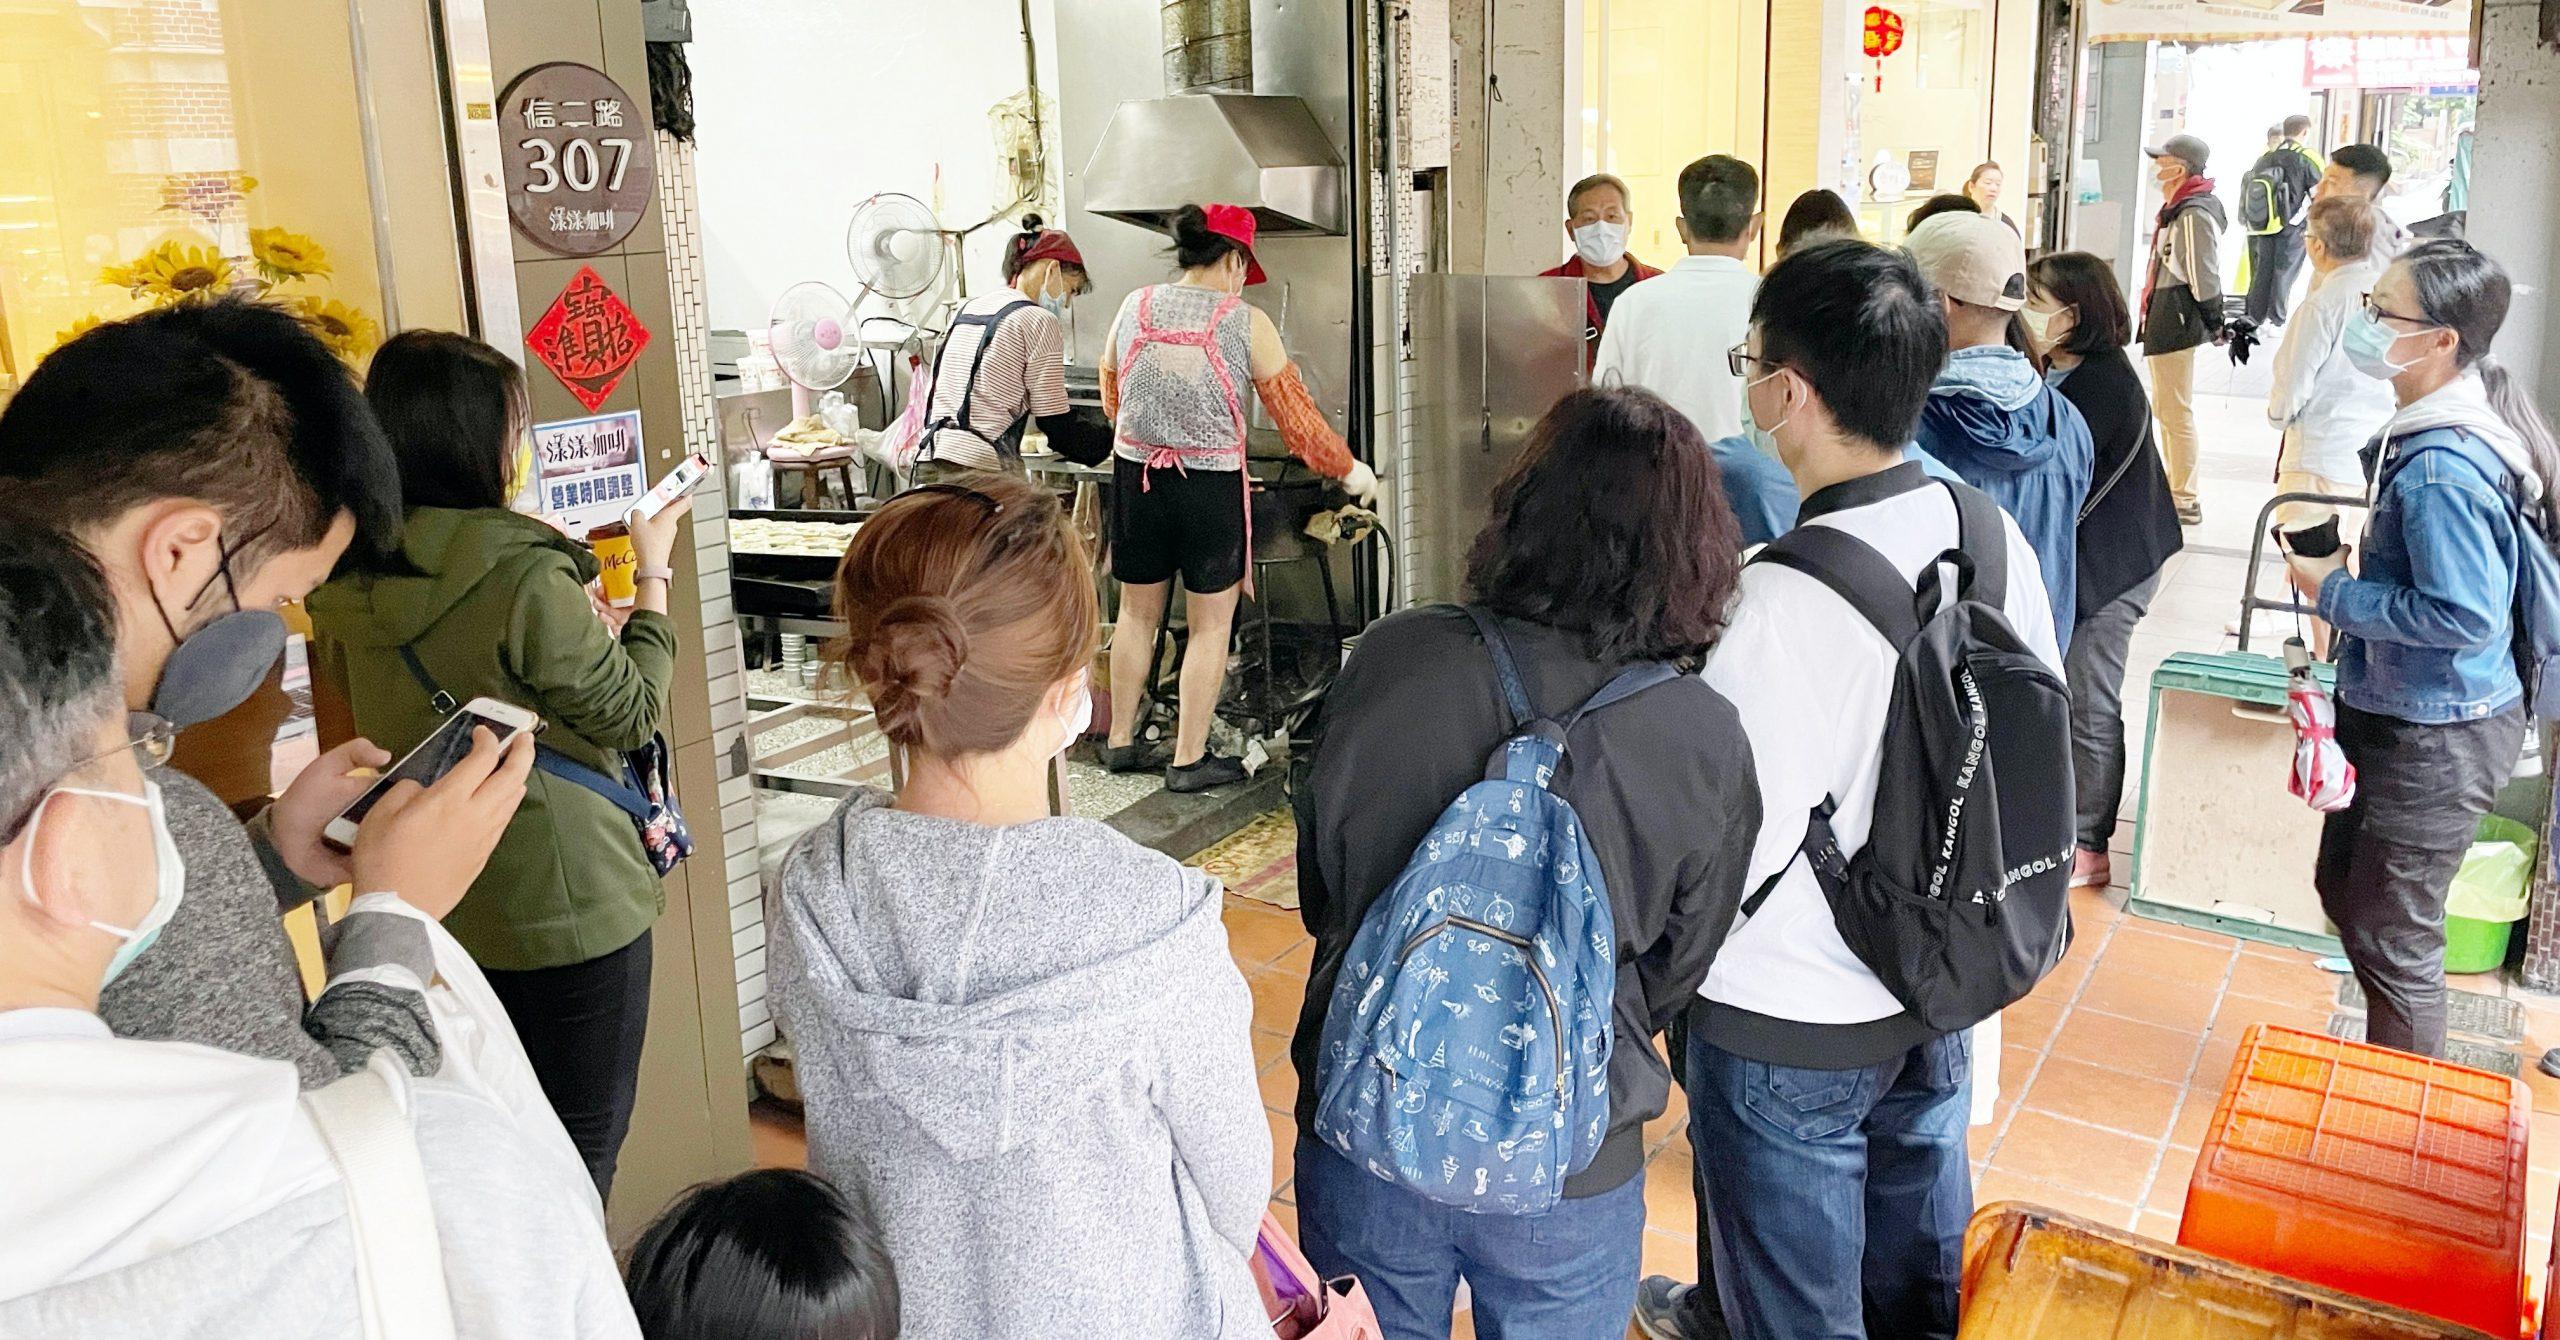 基隆美食,基隆早餐,周家蔥油餅,周家蔥油餅菜單,台北早餐懶人包,基隆周家蔥油餅 @Nash,神之領域